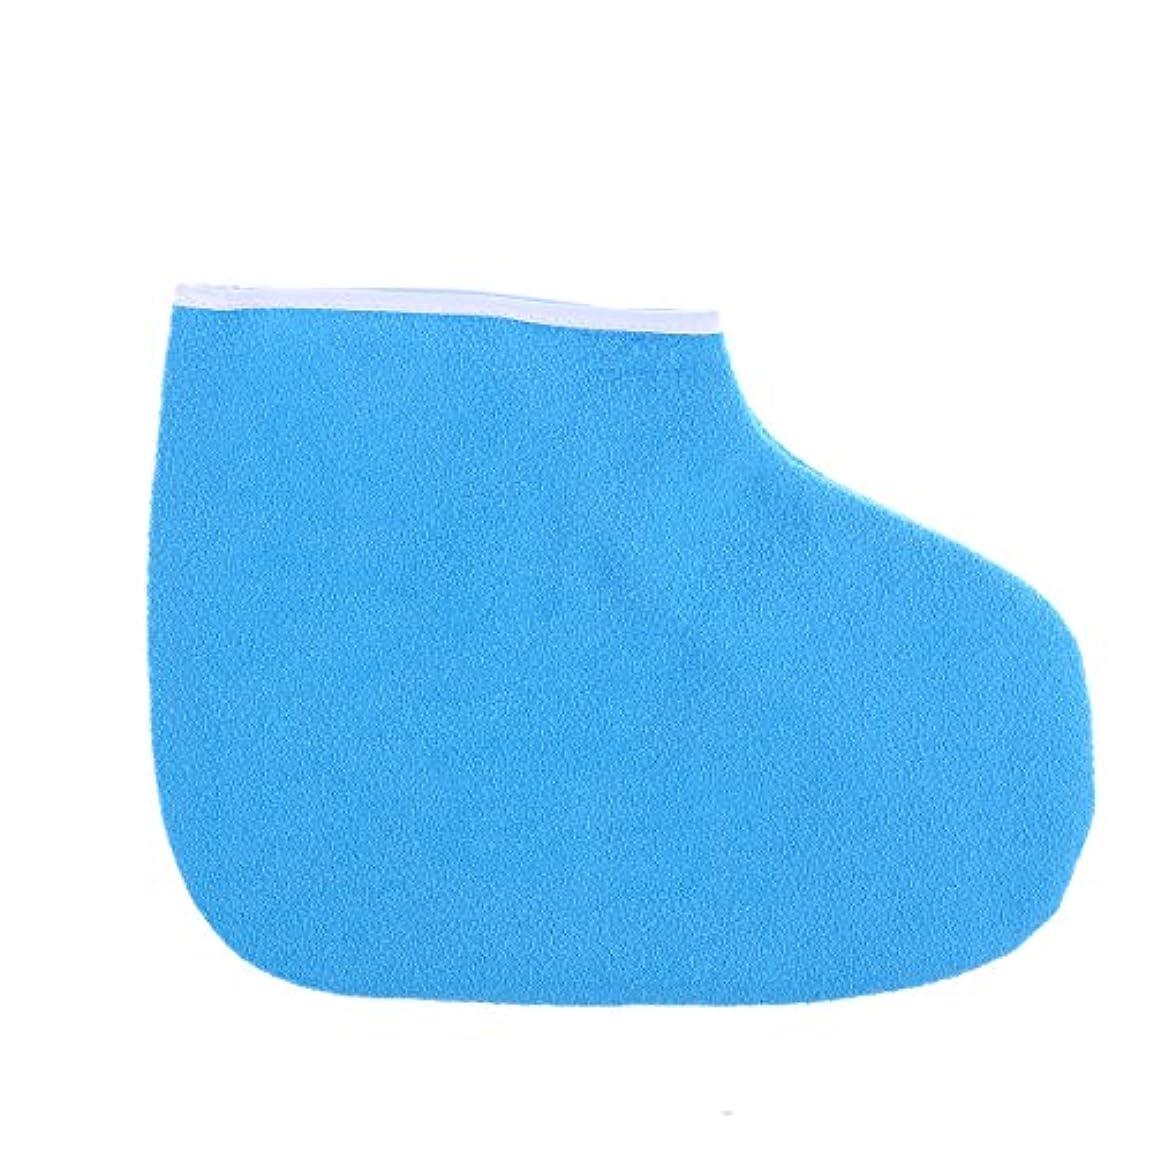 傾向があります心理的可聴Healifty パラフィンワックスブーティーマニキュアペディキュアトリートメントブーツ(ブルー)